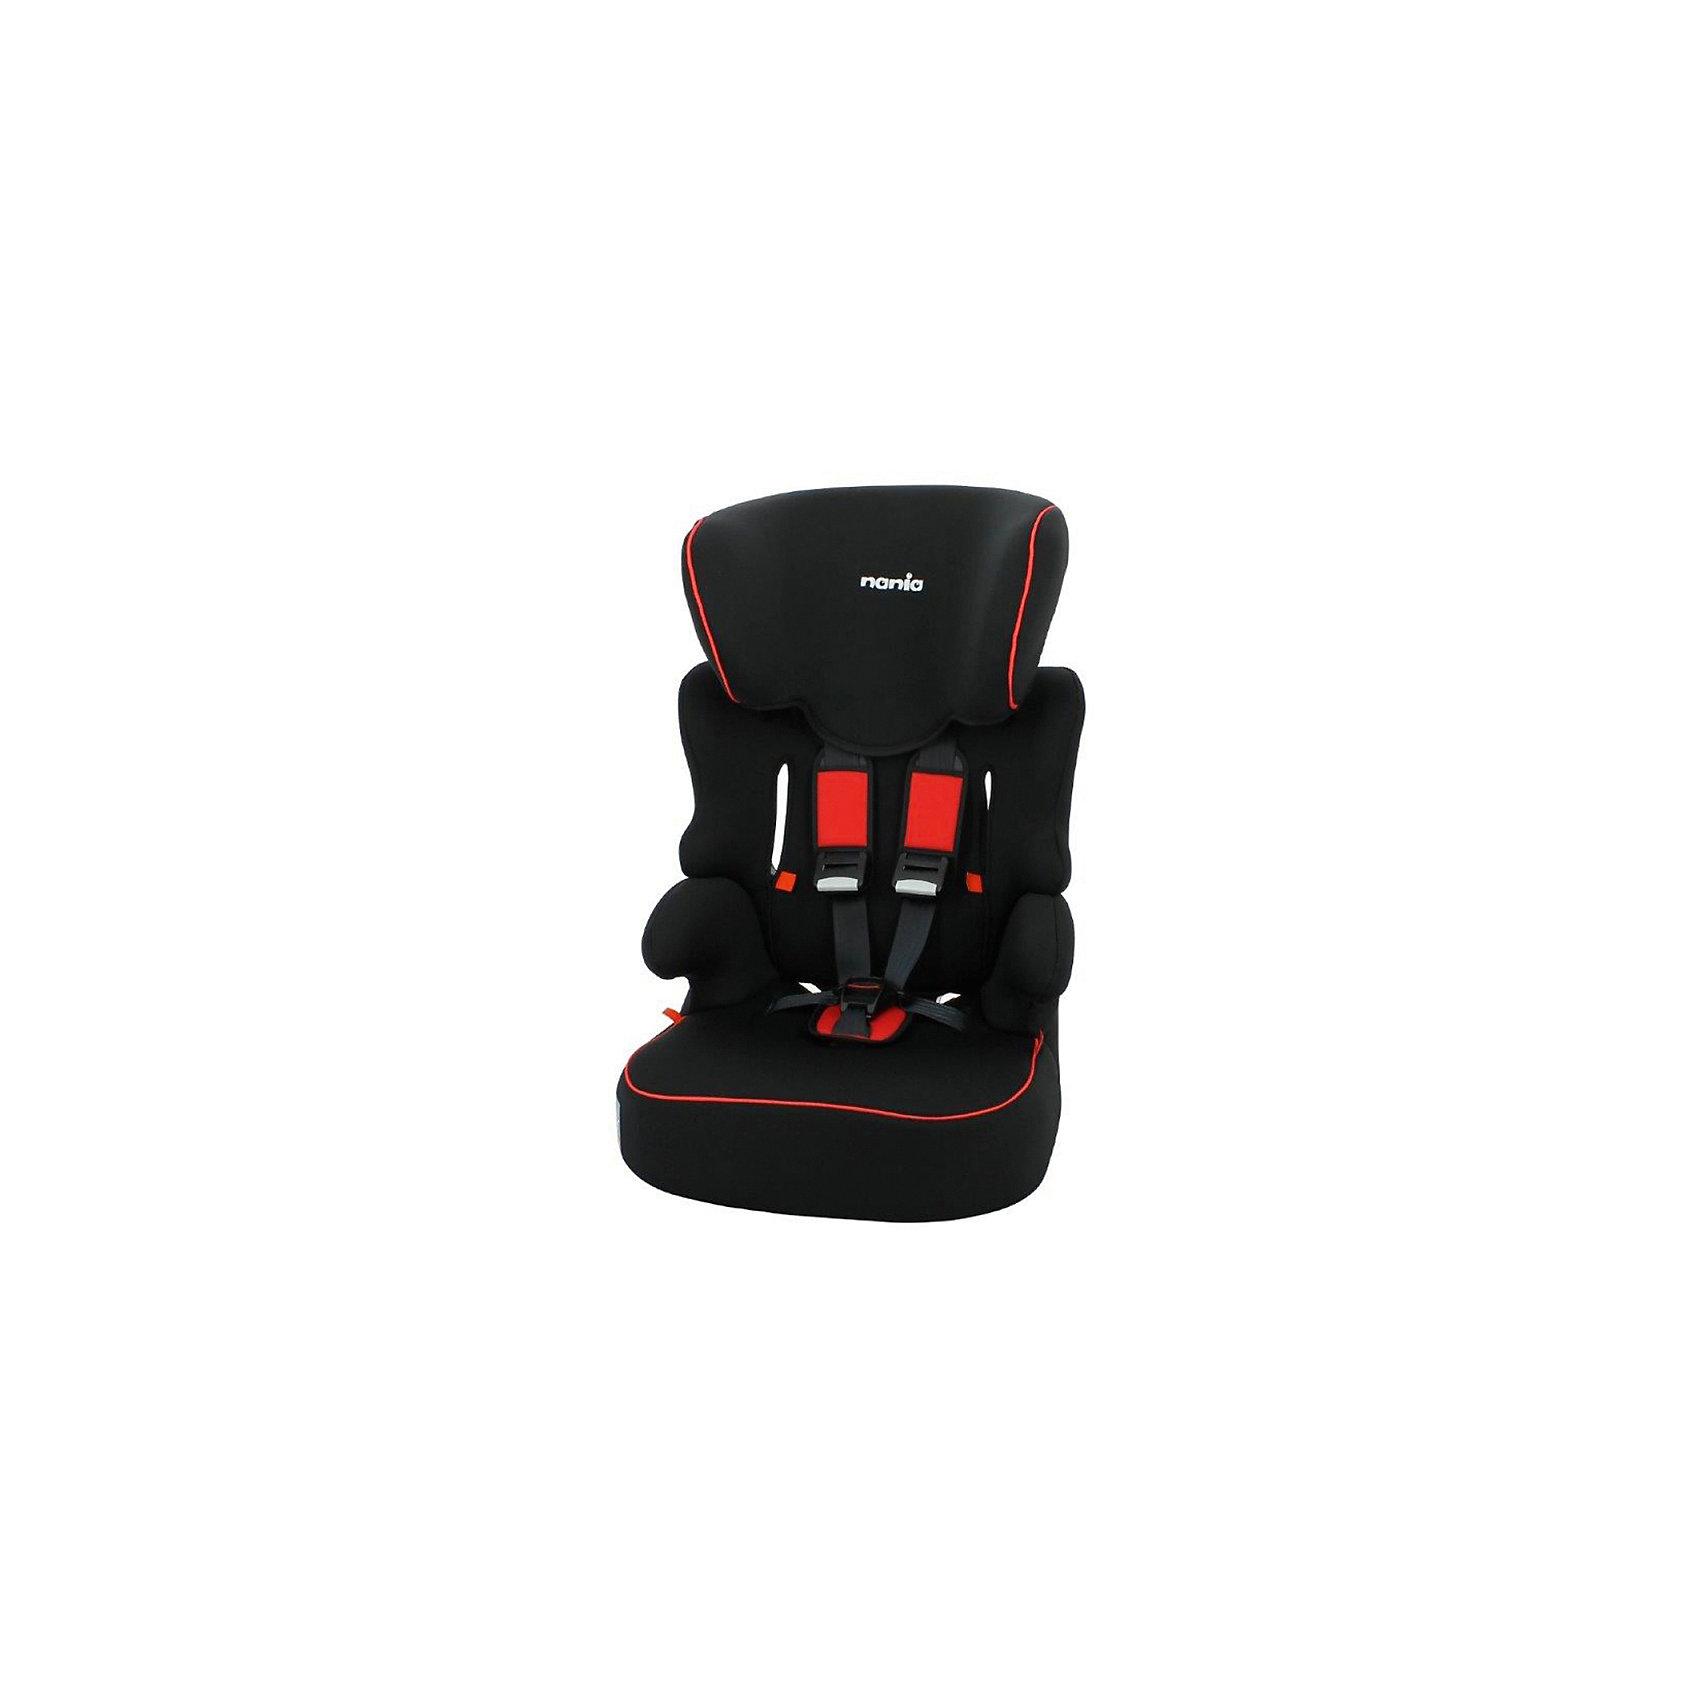 Автокресло Nania Beline SP Eco, 9-36 кг, red